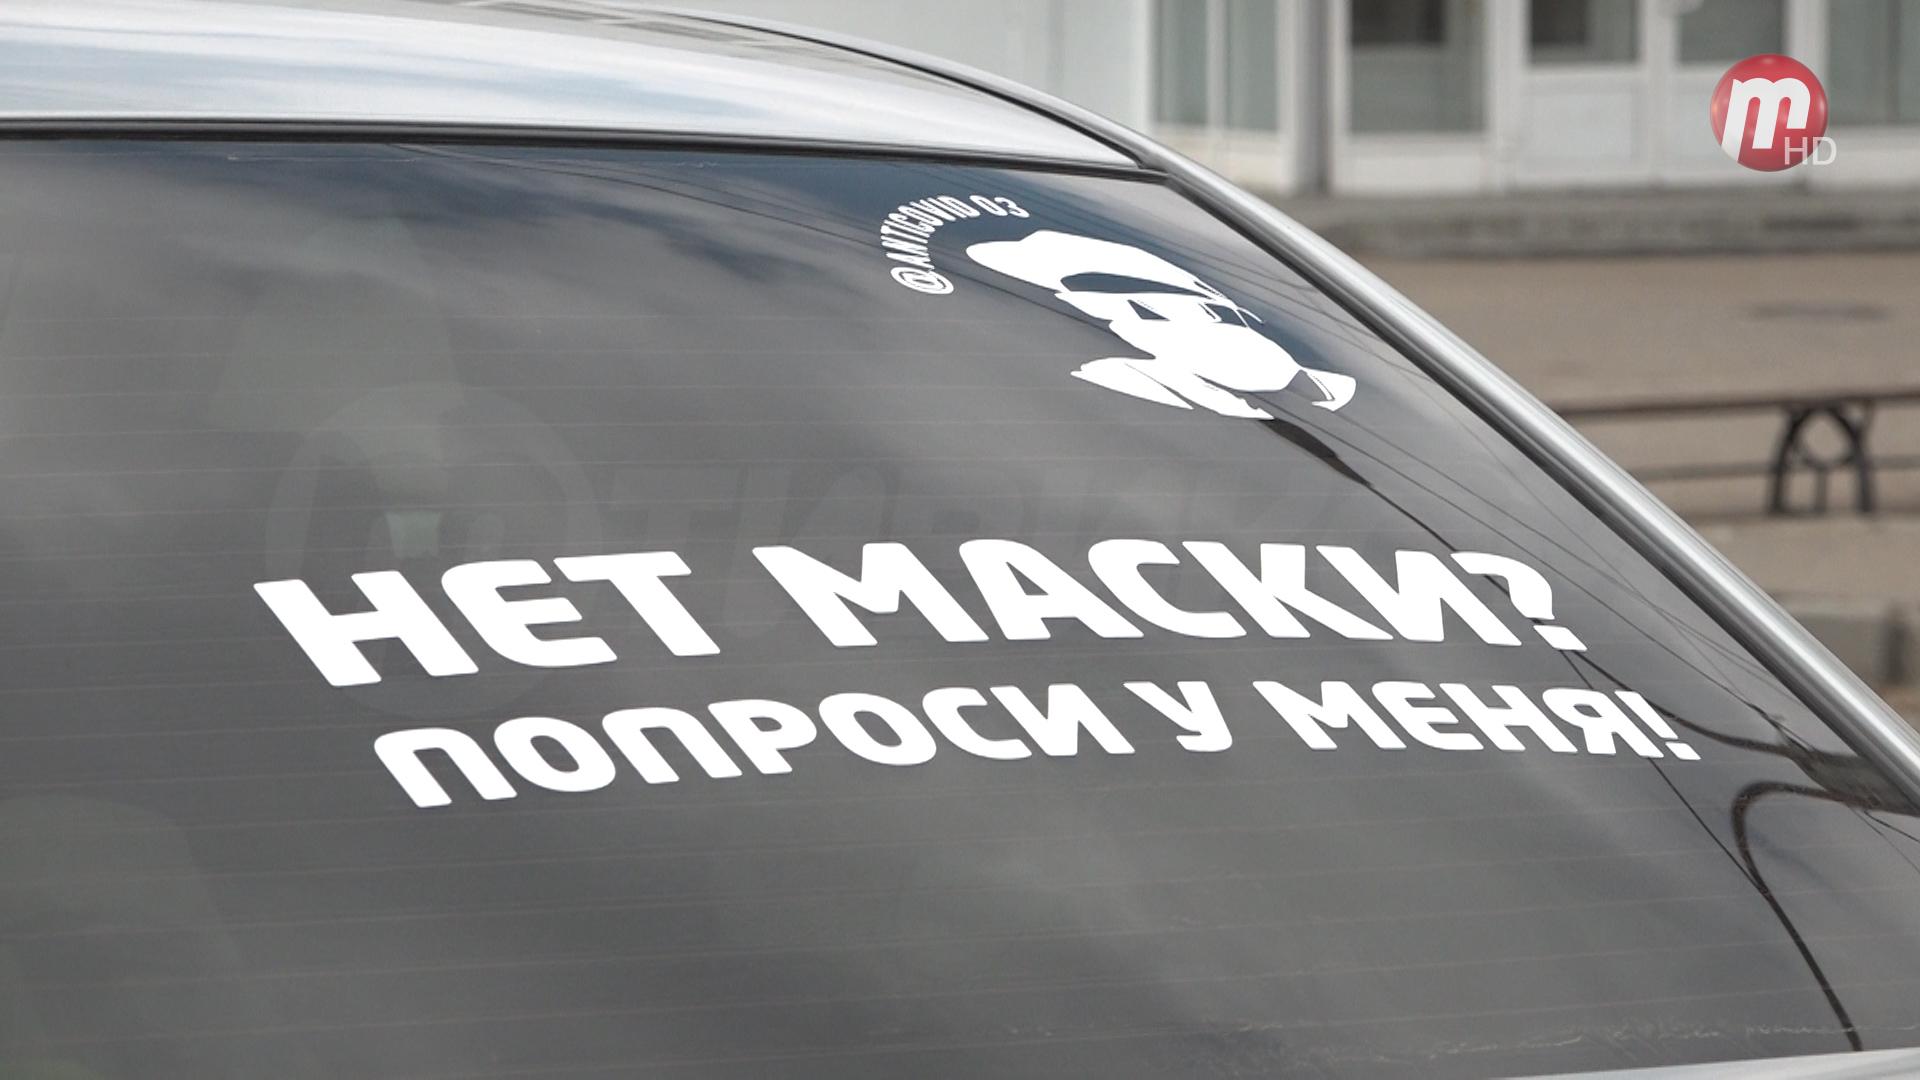 В Улан-Удэ участники автомобильного сообщества бесплатно раздают защитные маски